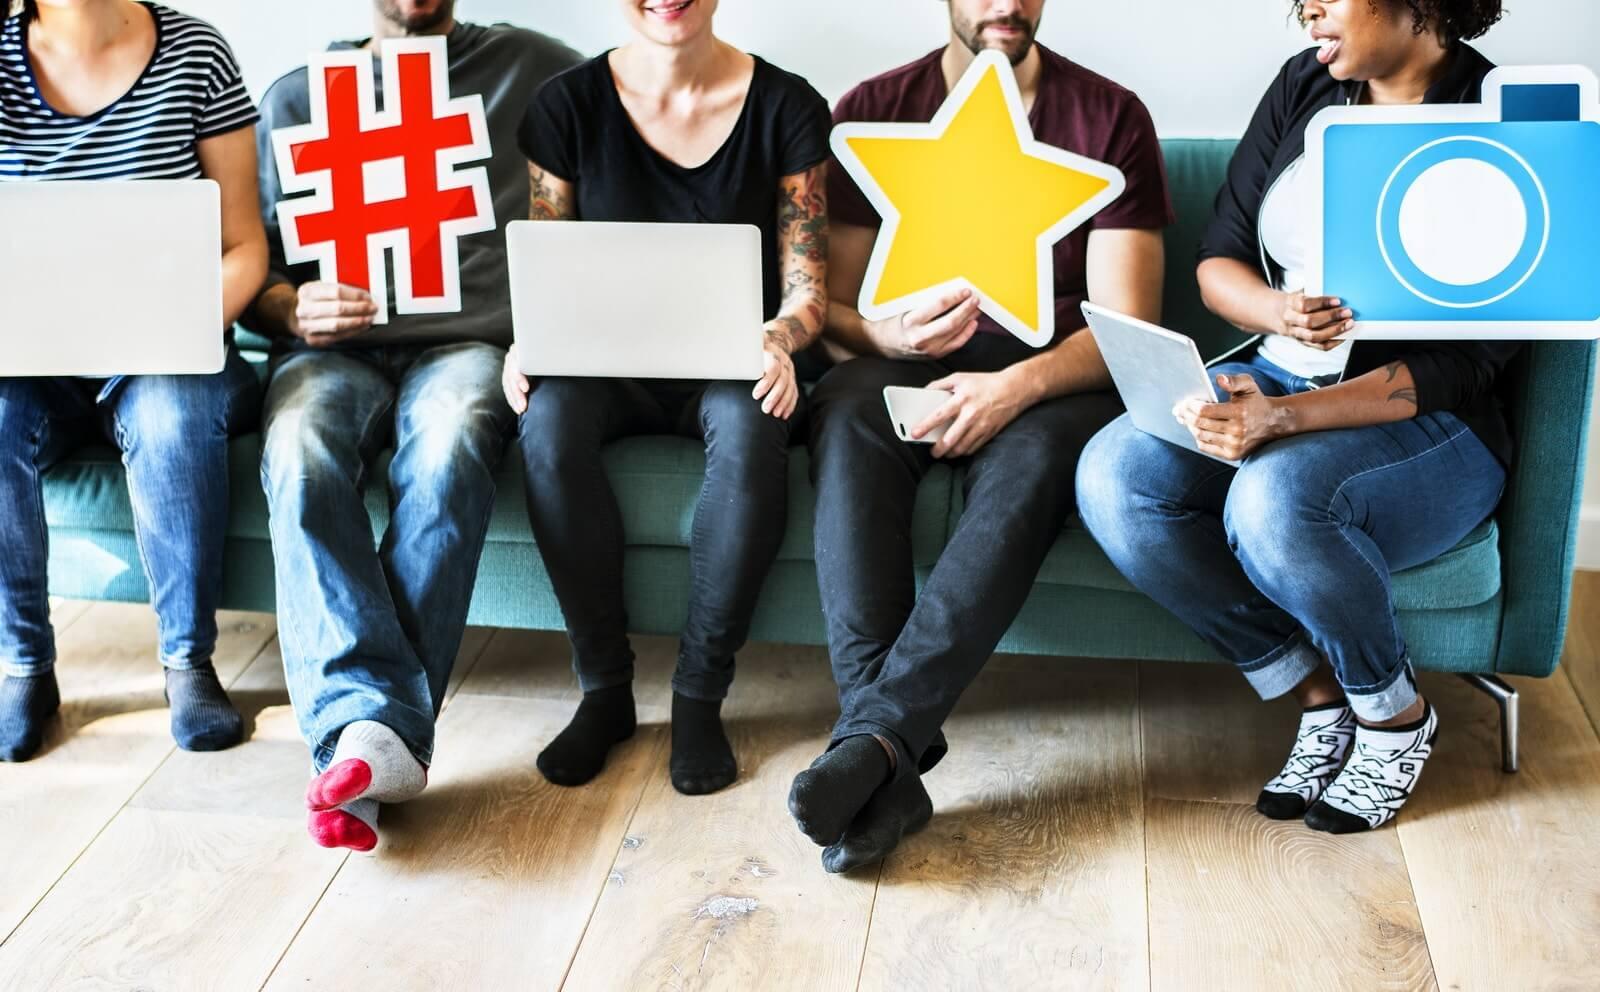 Cum să obțineți mai mulți urmăritori pe rețelele de socializare